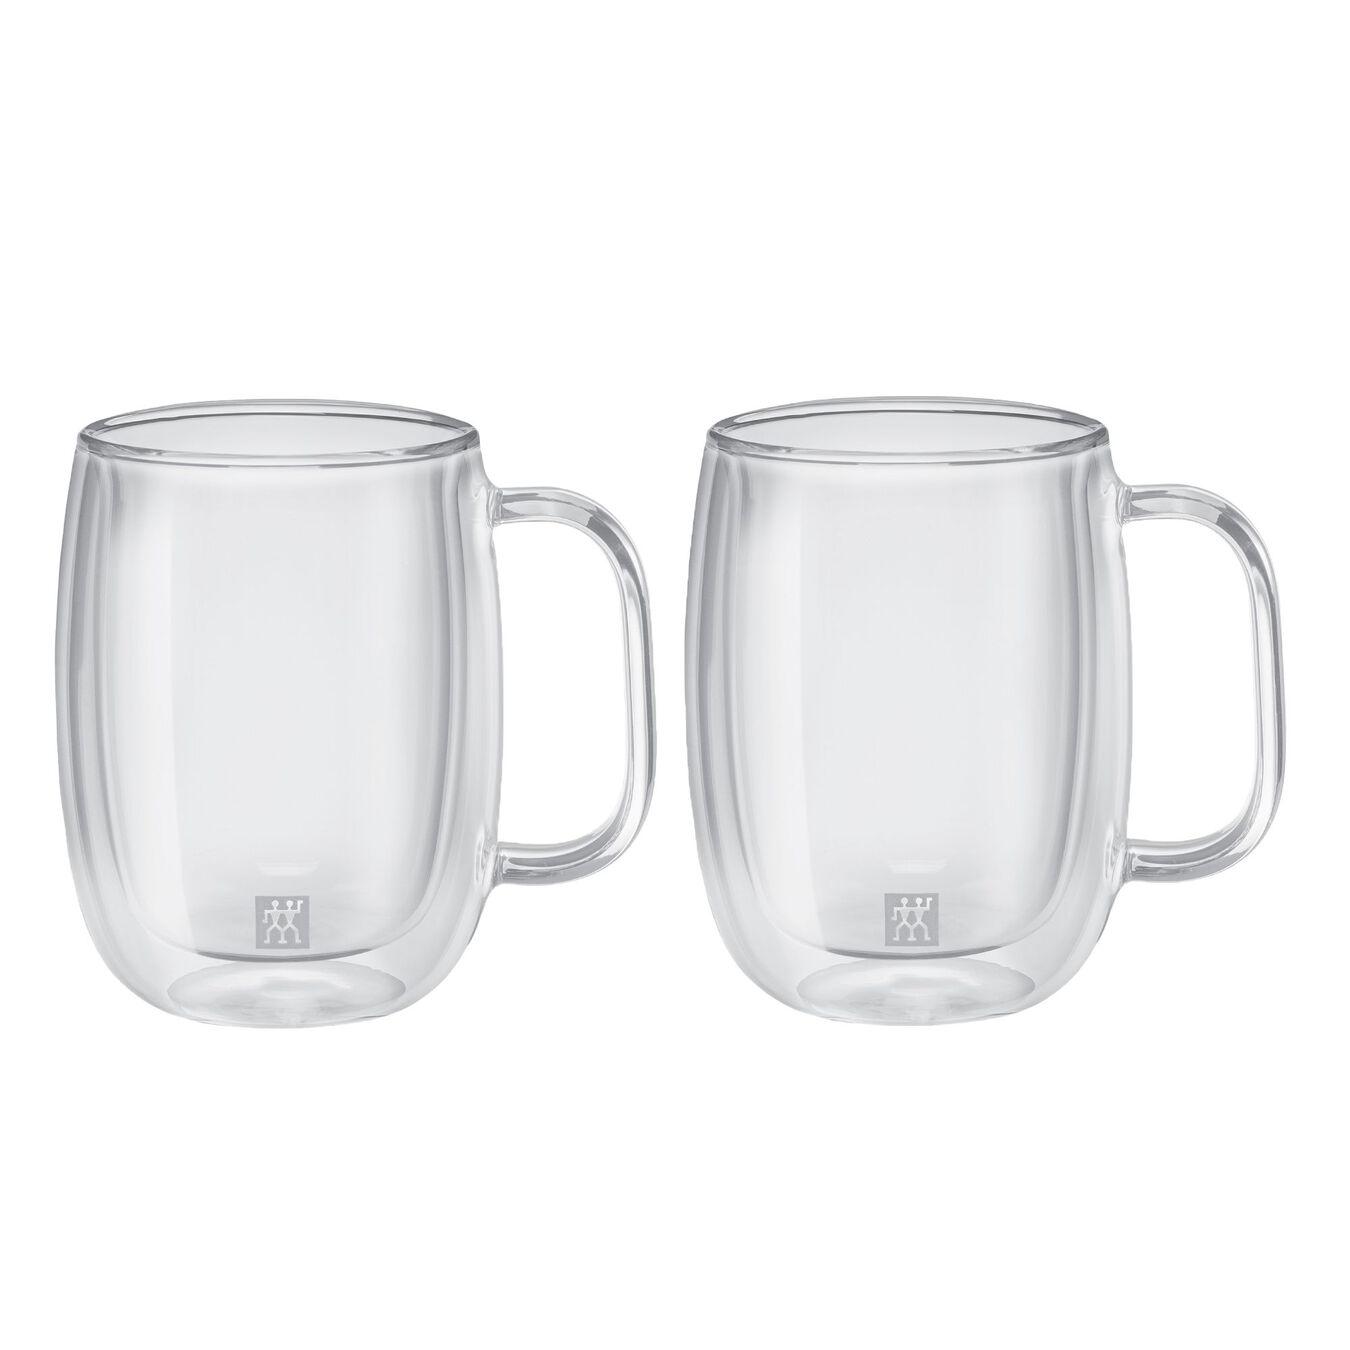 Service de verres à café à double paroi, 2-pces,,large 2